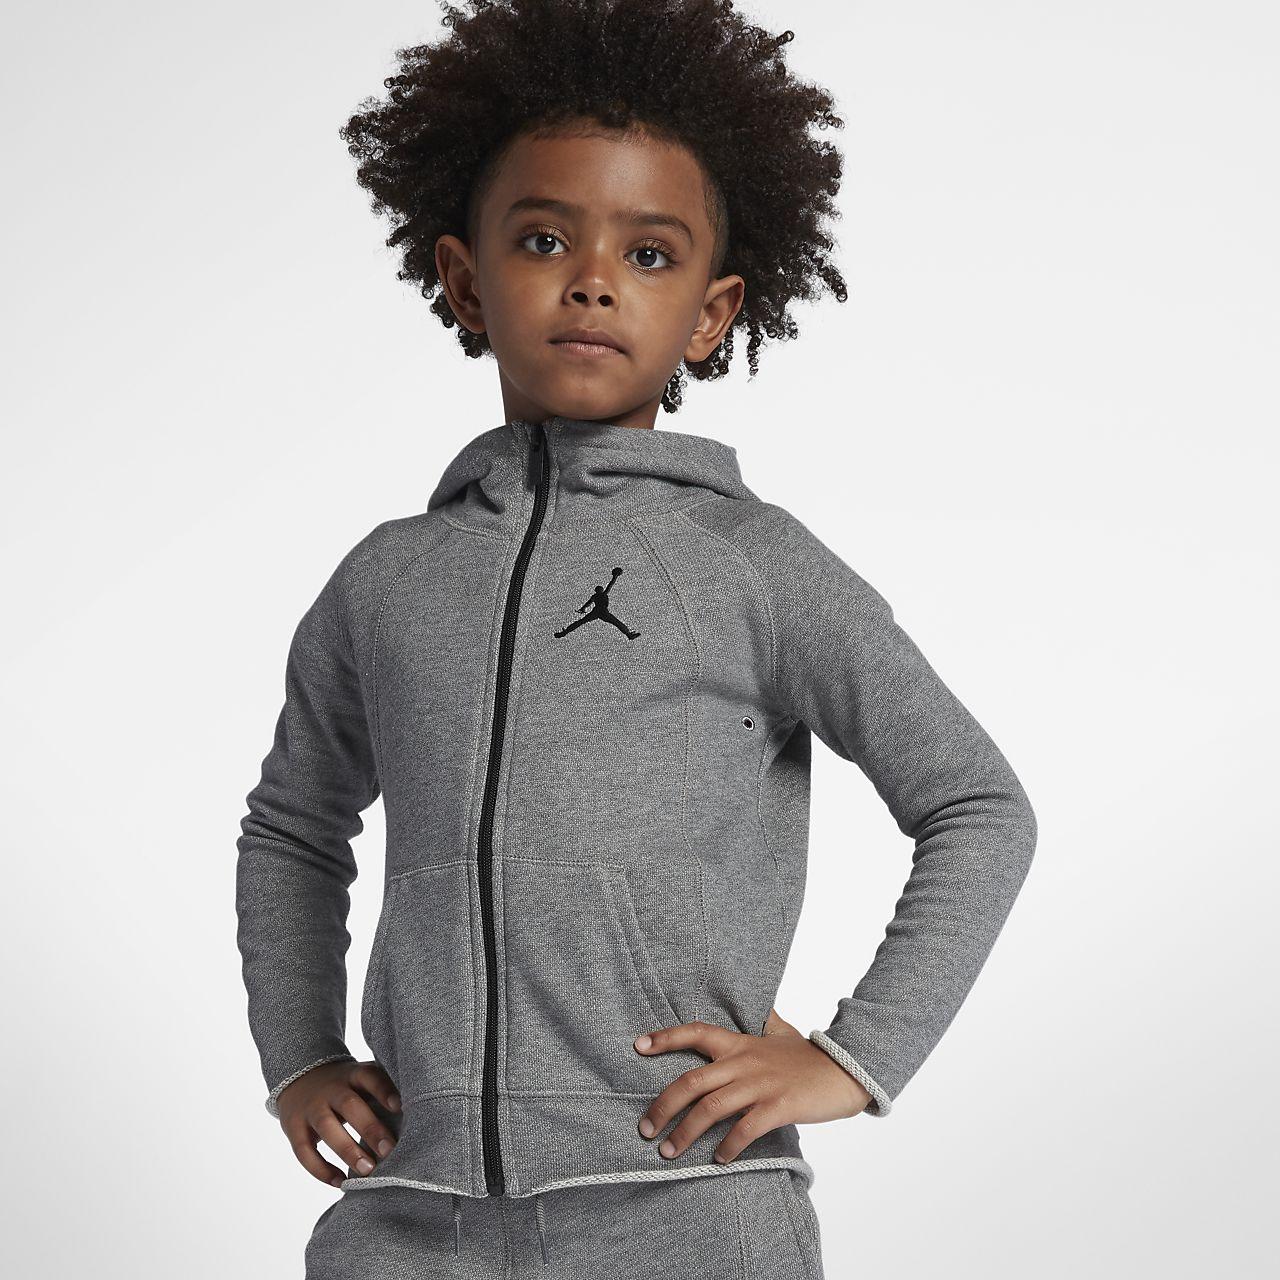 ac1775a8d Jordan Sportswear Wings Younger Kids' (Boys') Full-Zip Hoodie. Nike ...